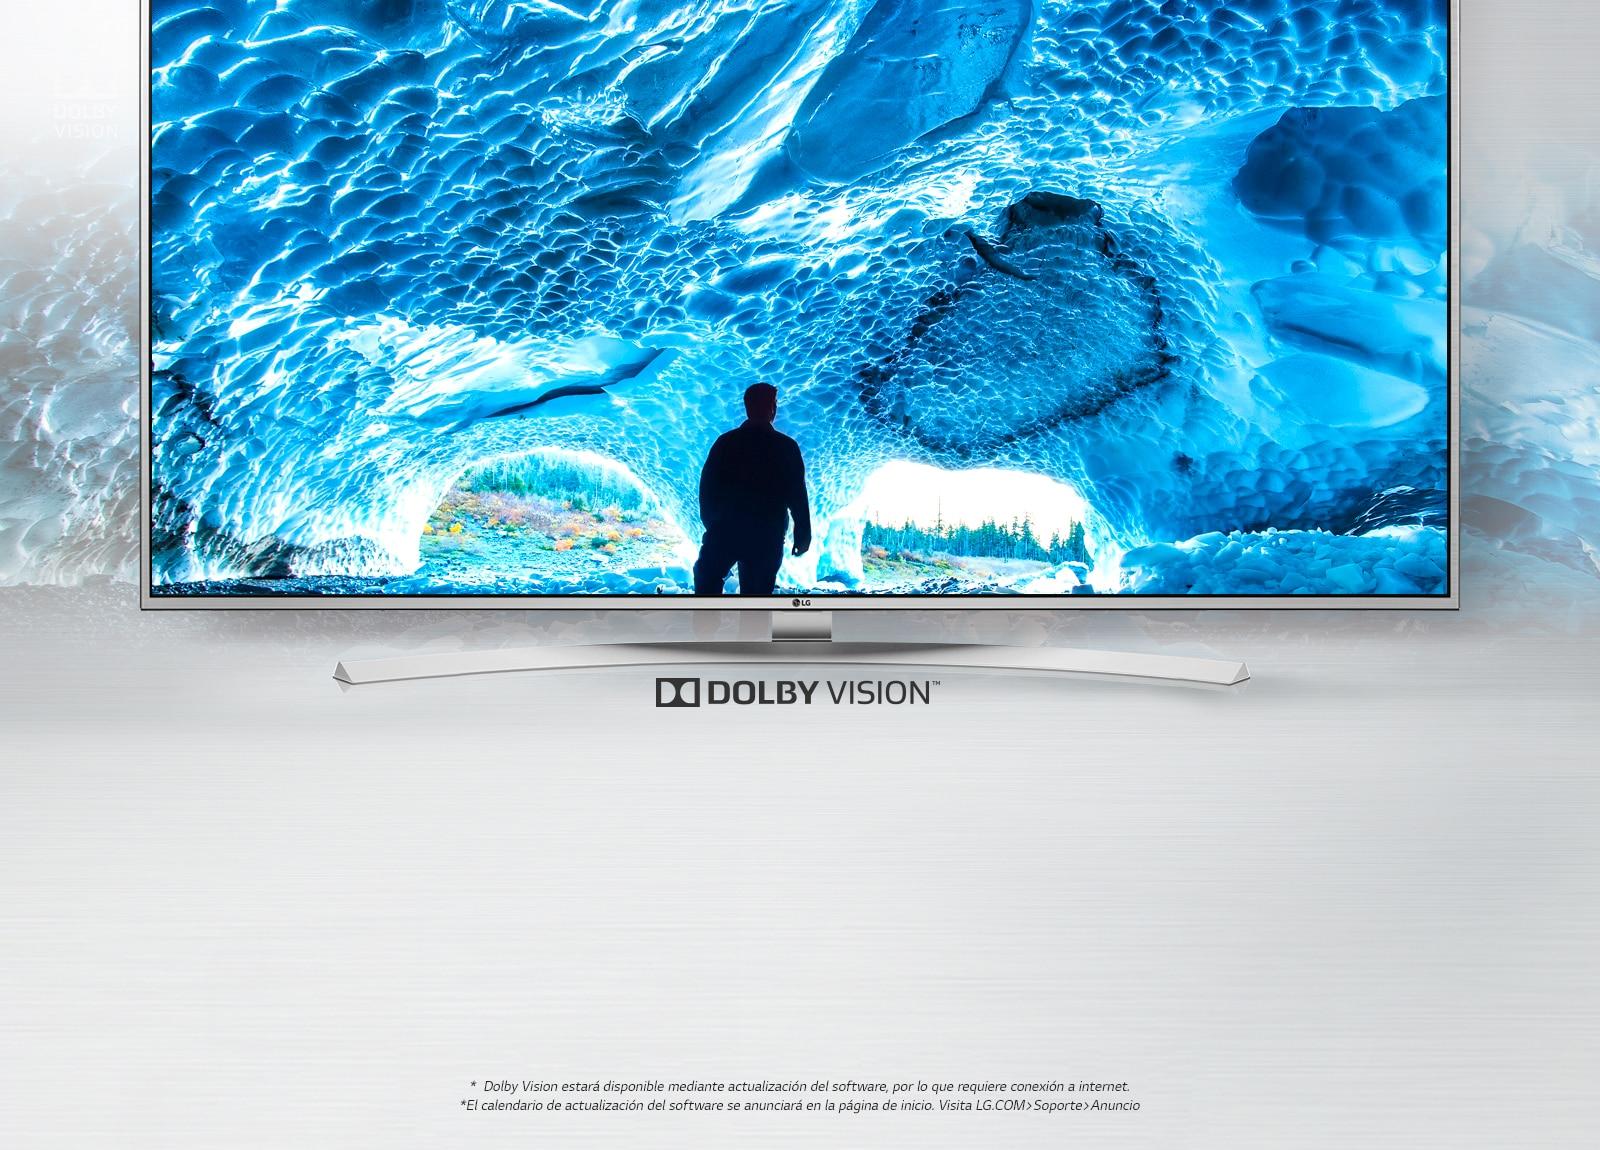 Dolby Vision, ¿por qué es interesante?